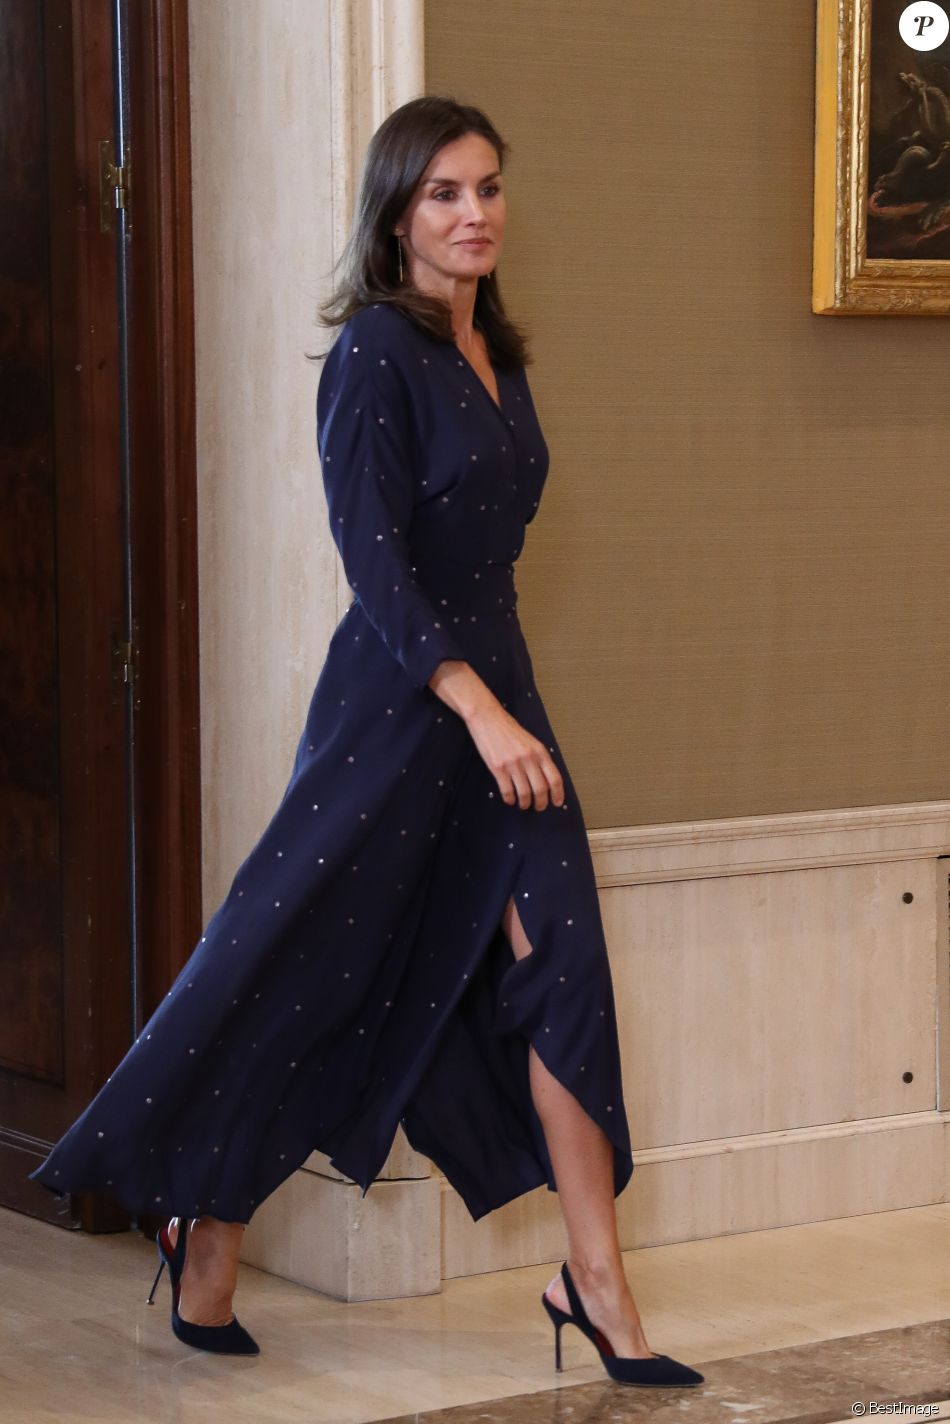 La reine Letizia et le roi Felipe VI d'Espagne recevait le 3 septembre 2019 en audience, au palais de la Zaruela à Madrid, une délégation du Comité espagnol des représentants des personnes handicapées (CERMI).